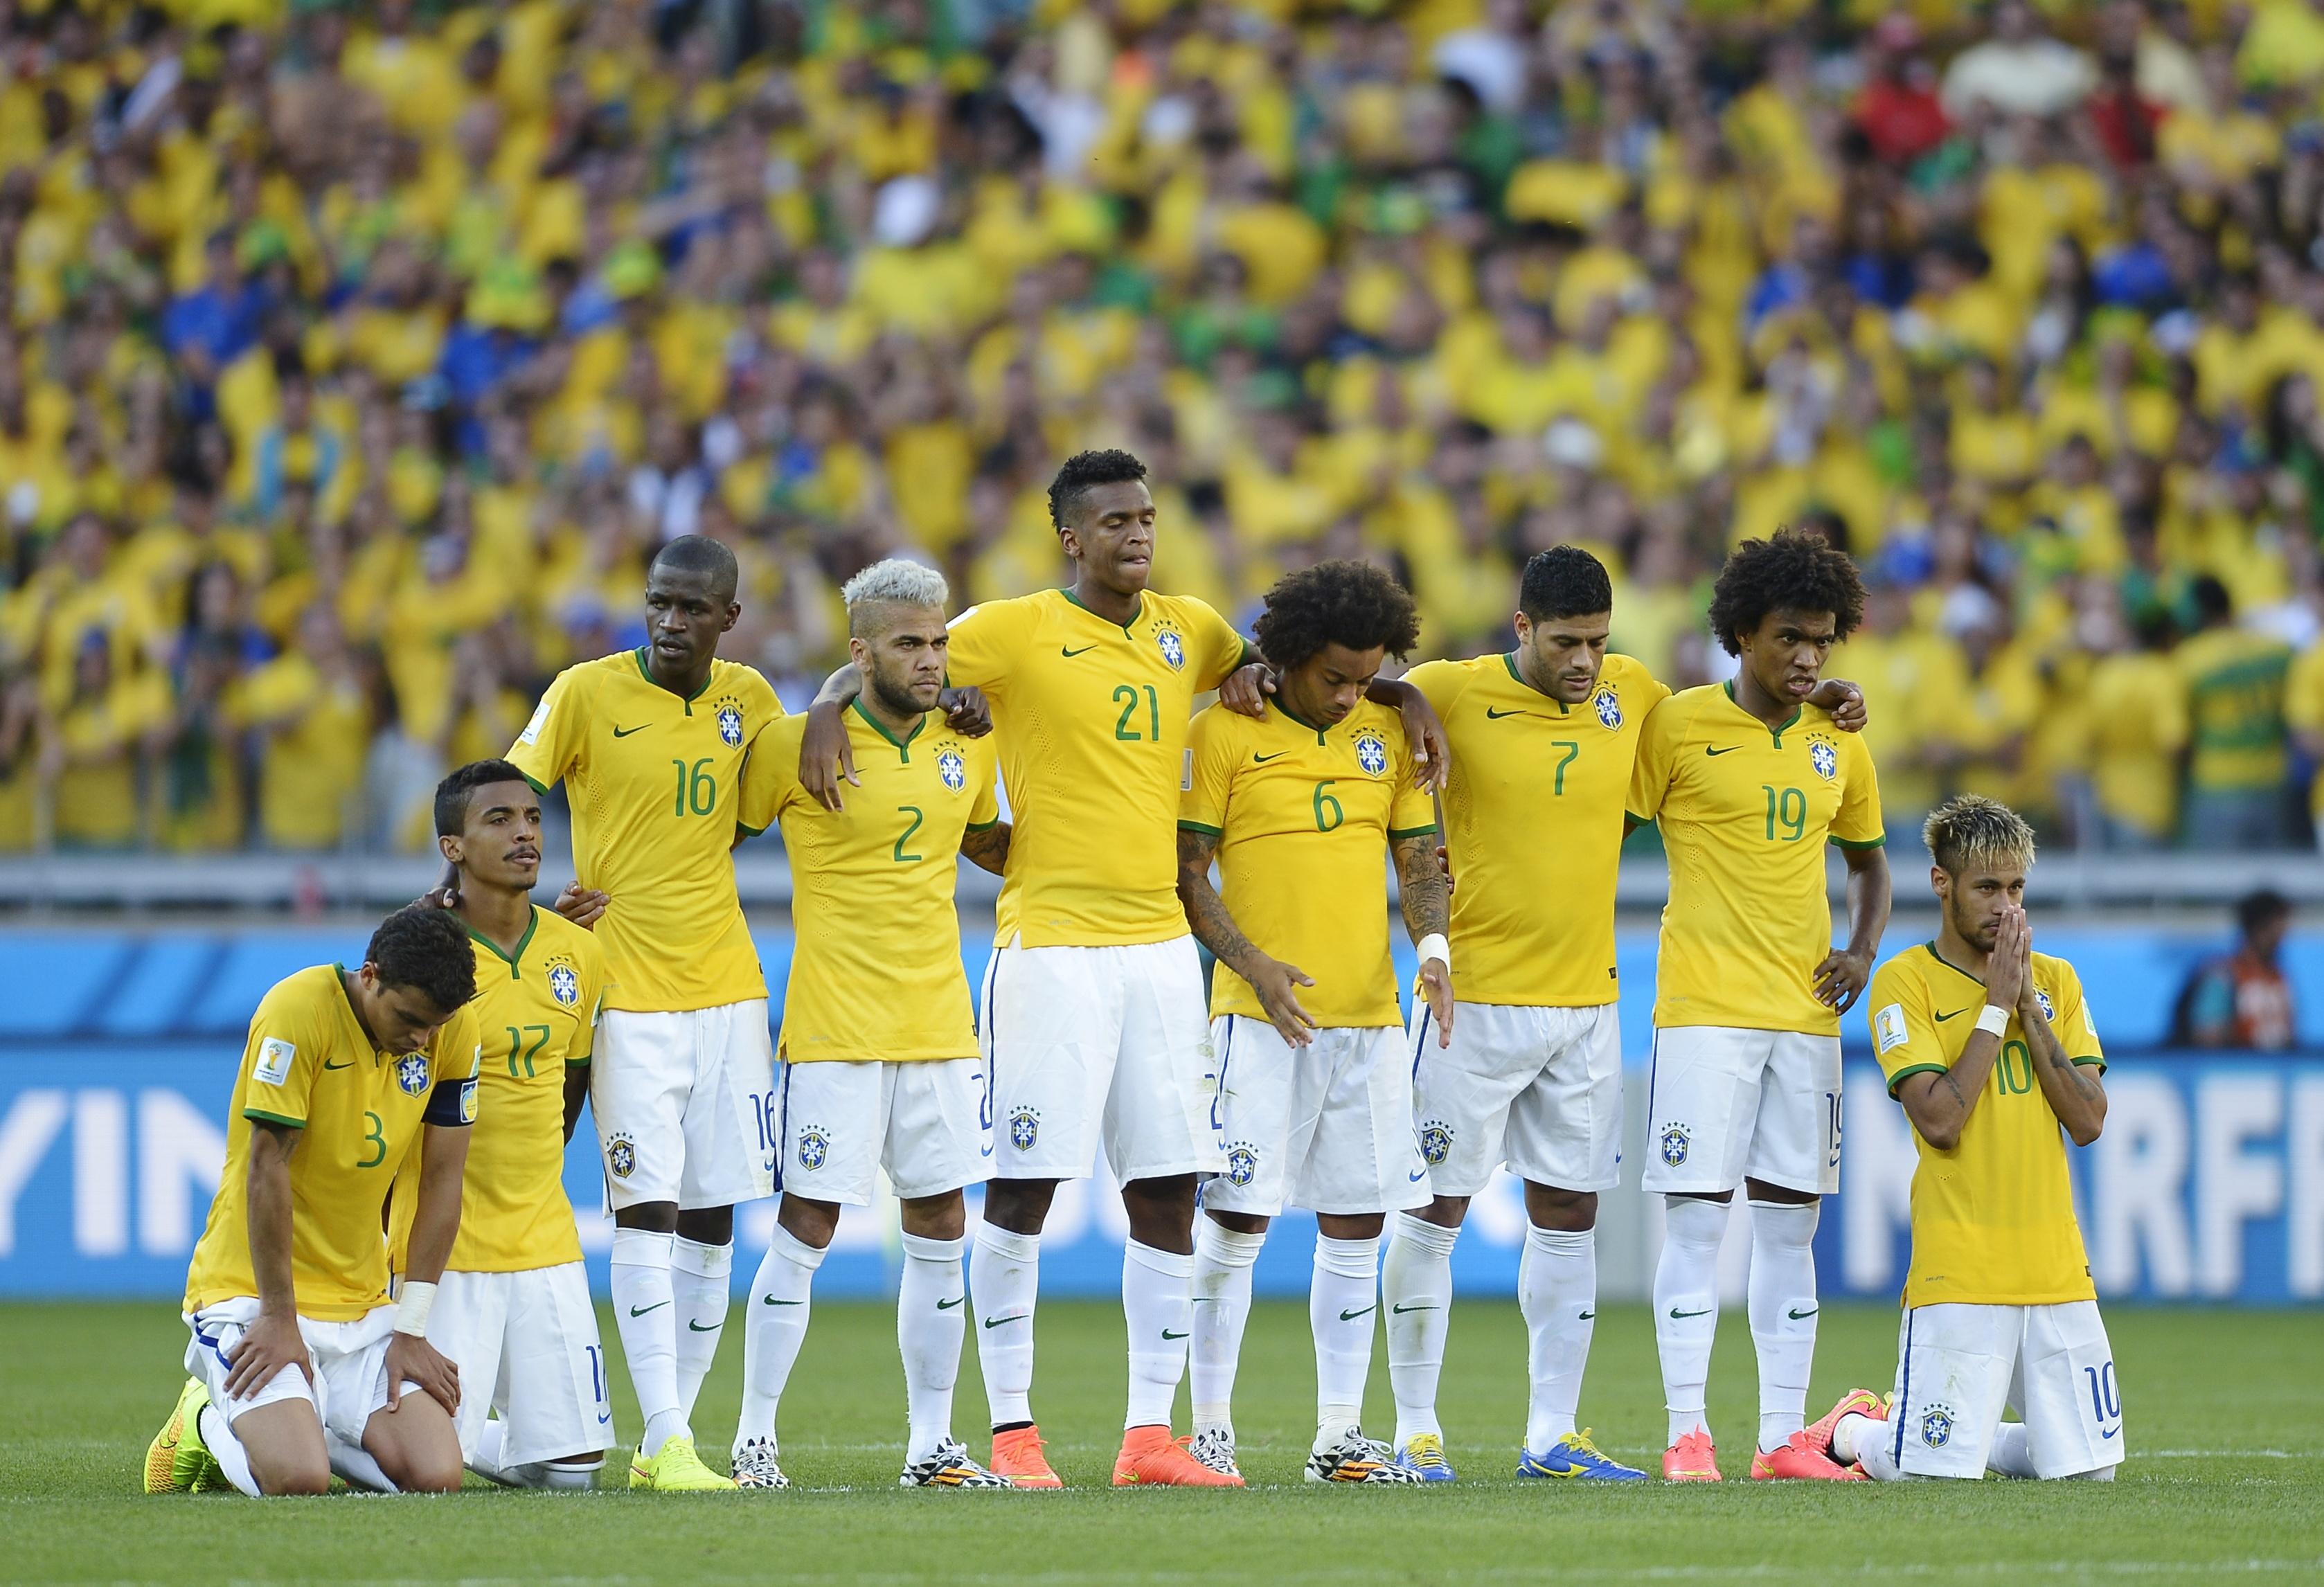 La selección Brasilera en penales - 3356x2292